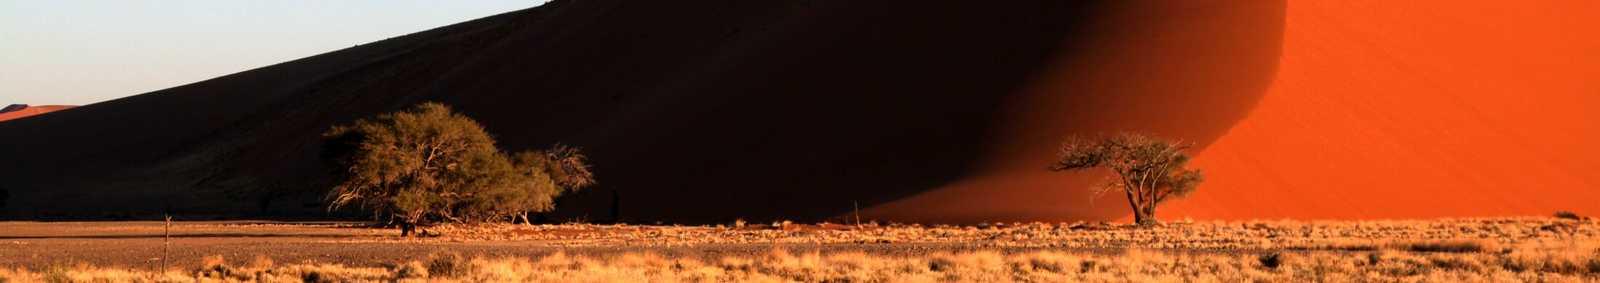 Sand dune in the Namib desert, Namibia